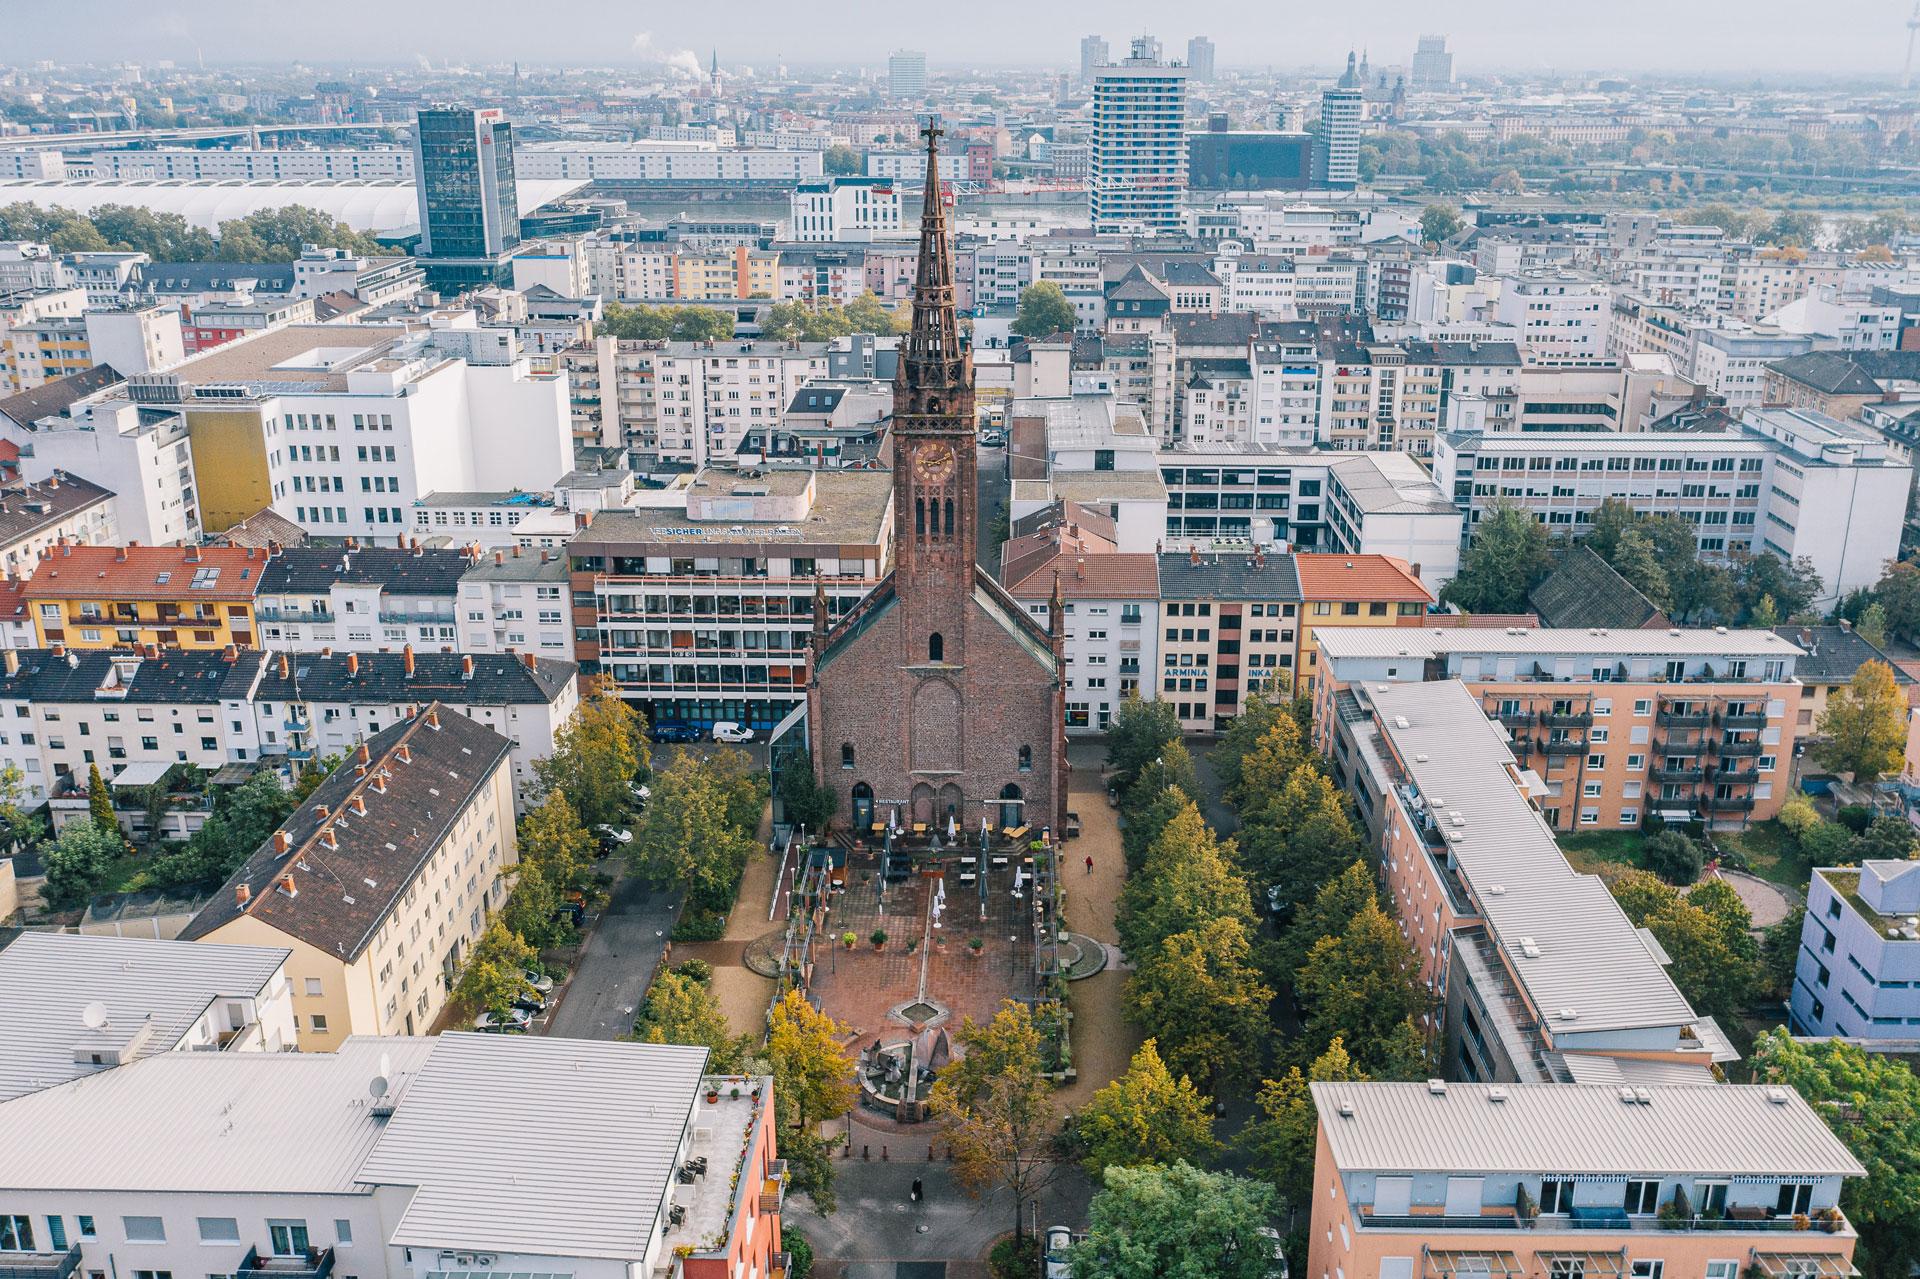 Am_Lutherplatz-C-Wiegelmann